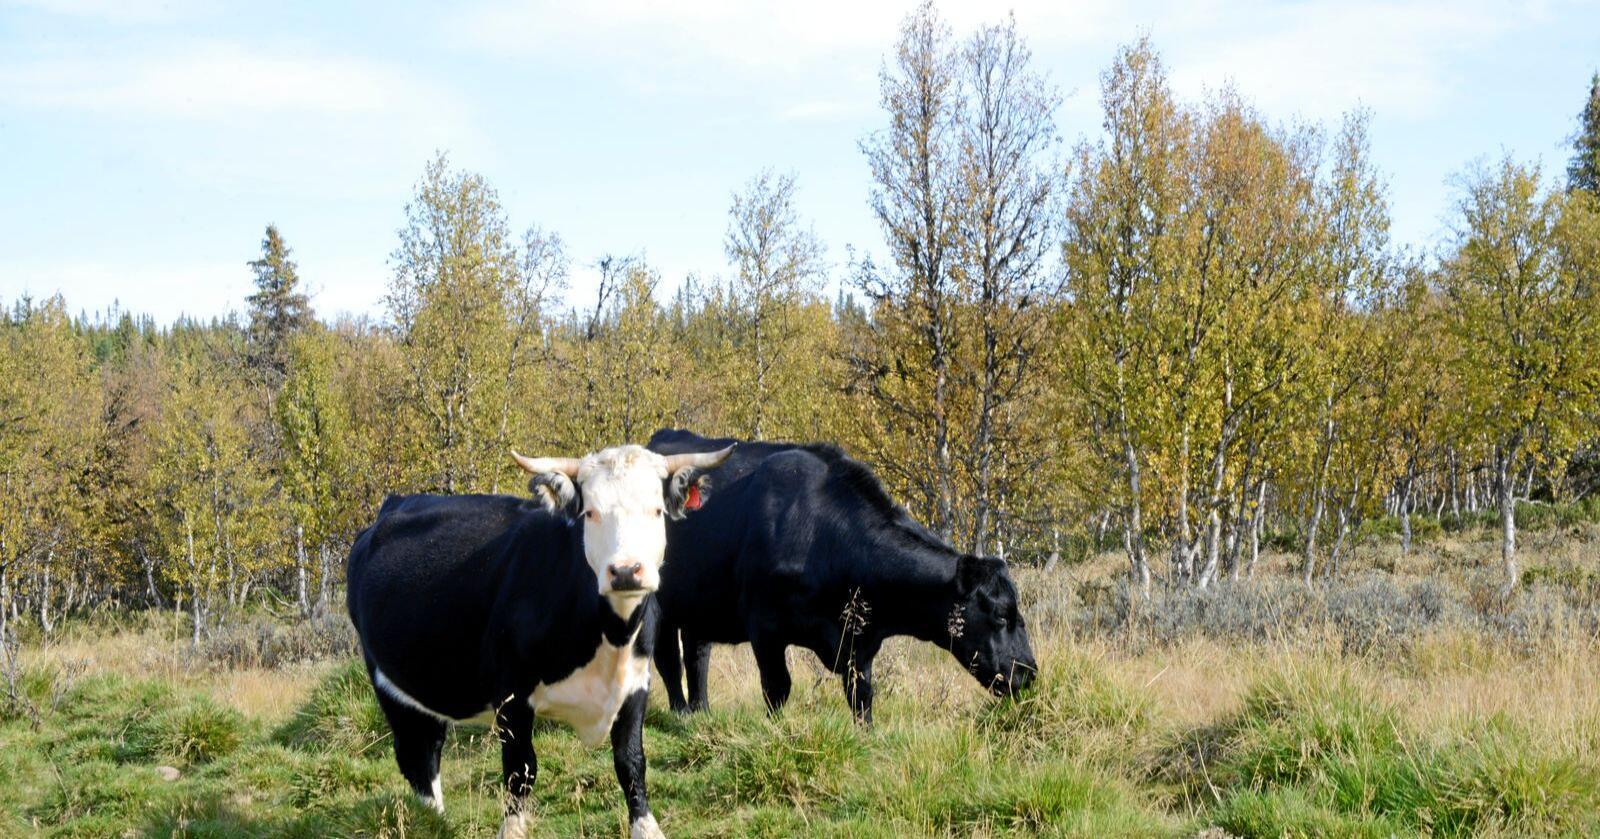 Dei siste 50 åra i Norge har utsleppet frå drøvtyggjarar gått jamnt nedover fordi dei har vorte færre, skriv Torstein Steine i innlegget. Foto: Mariann Tvete